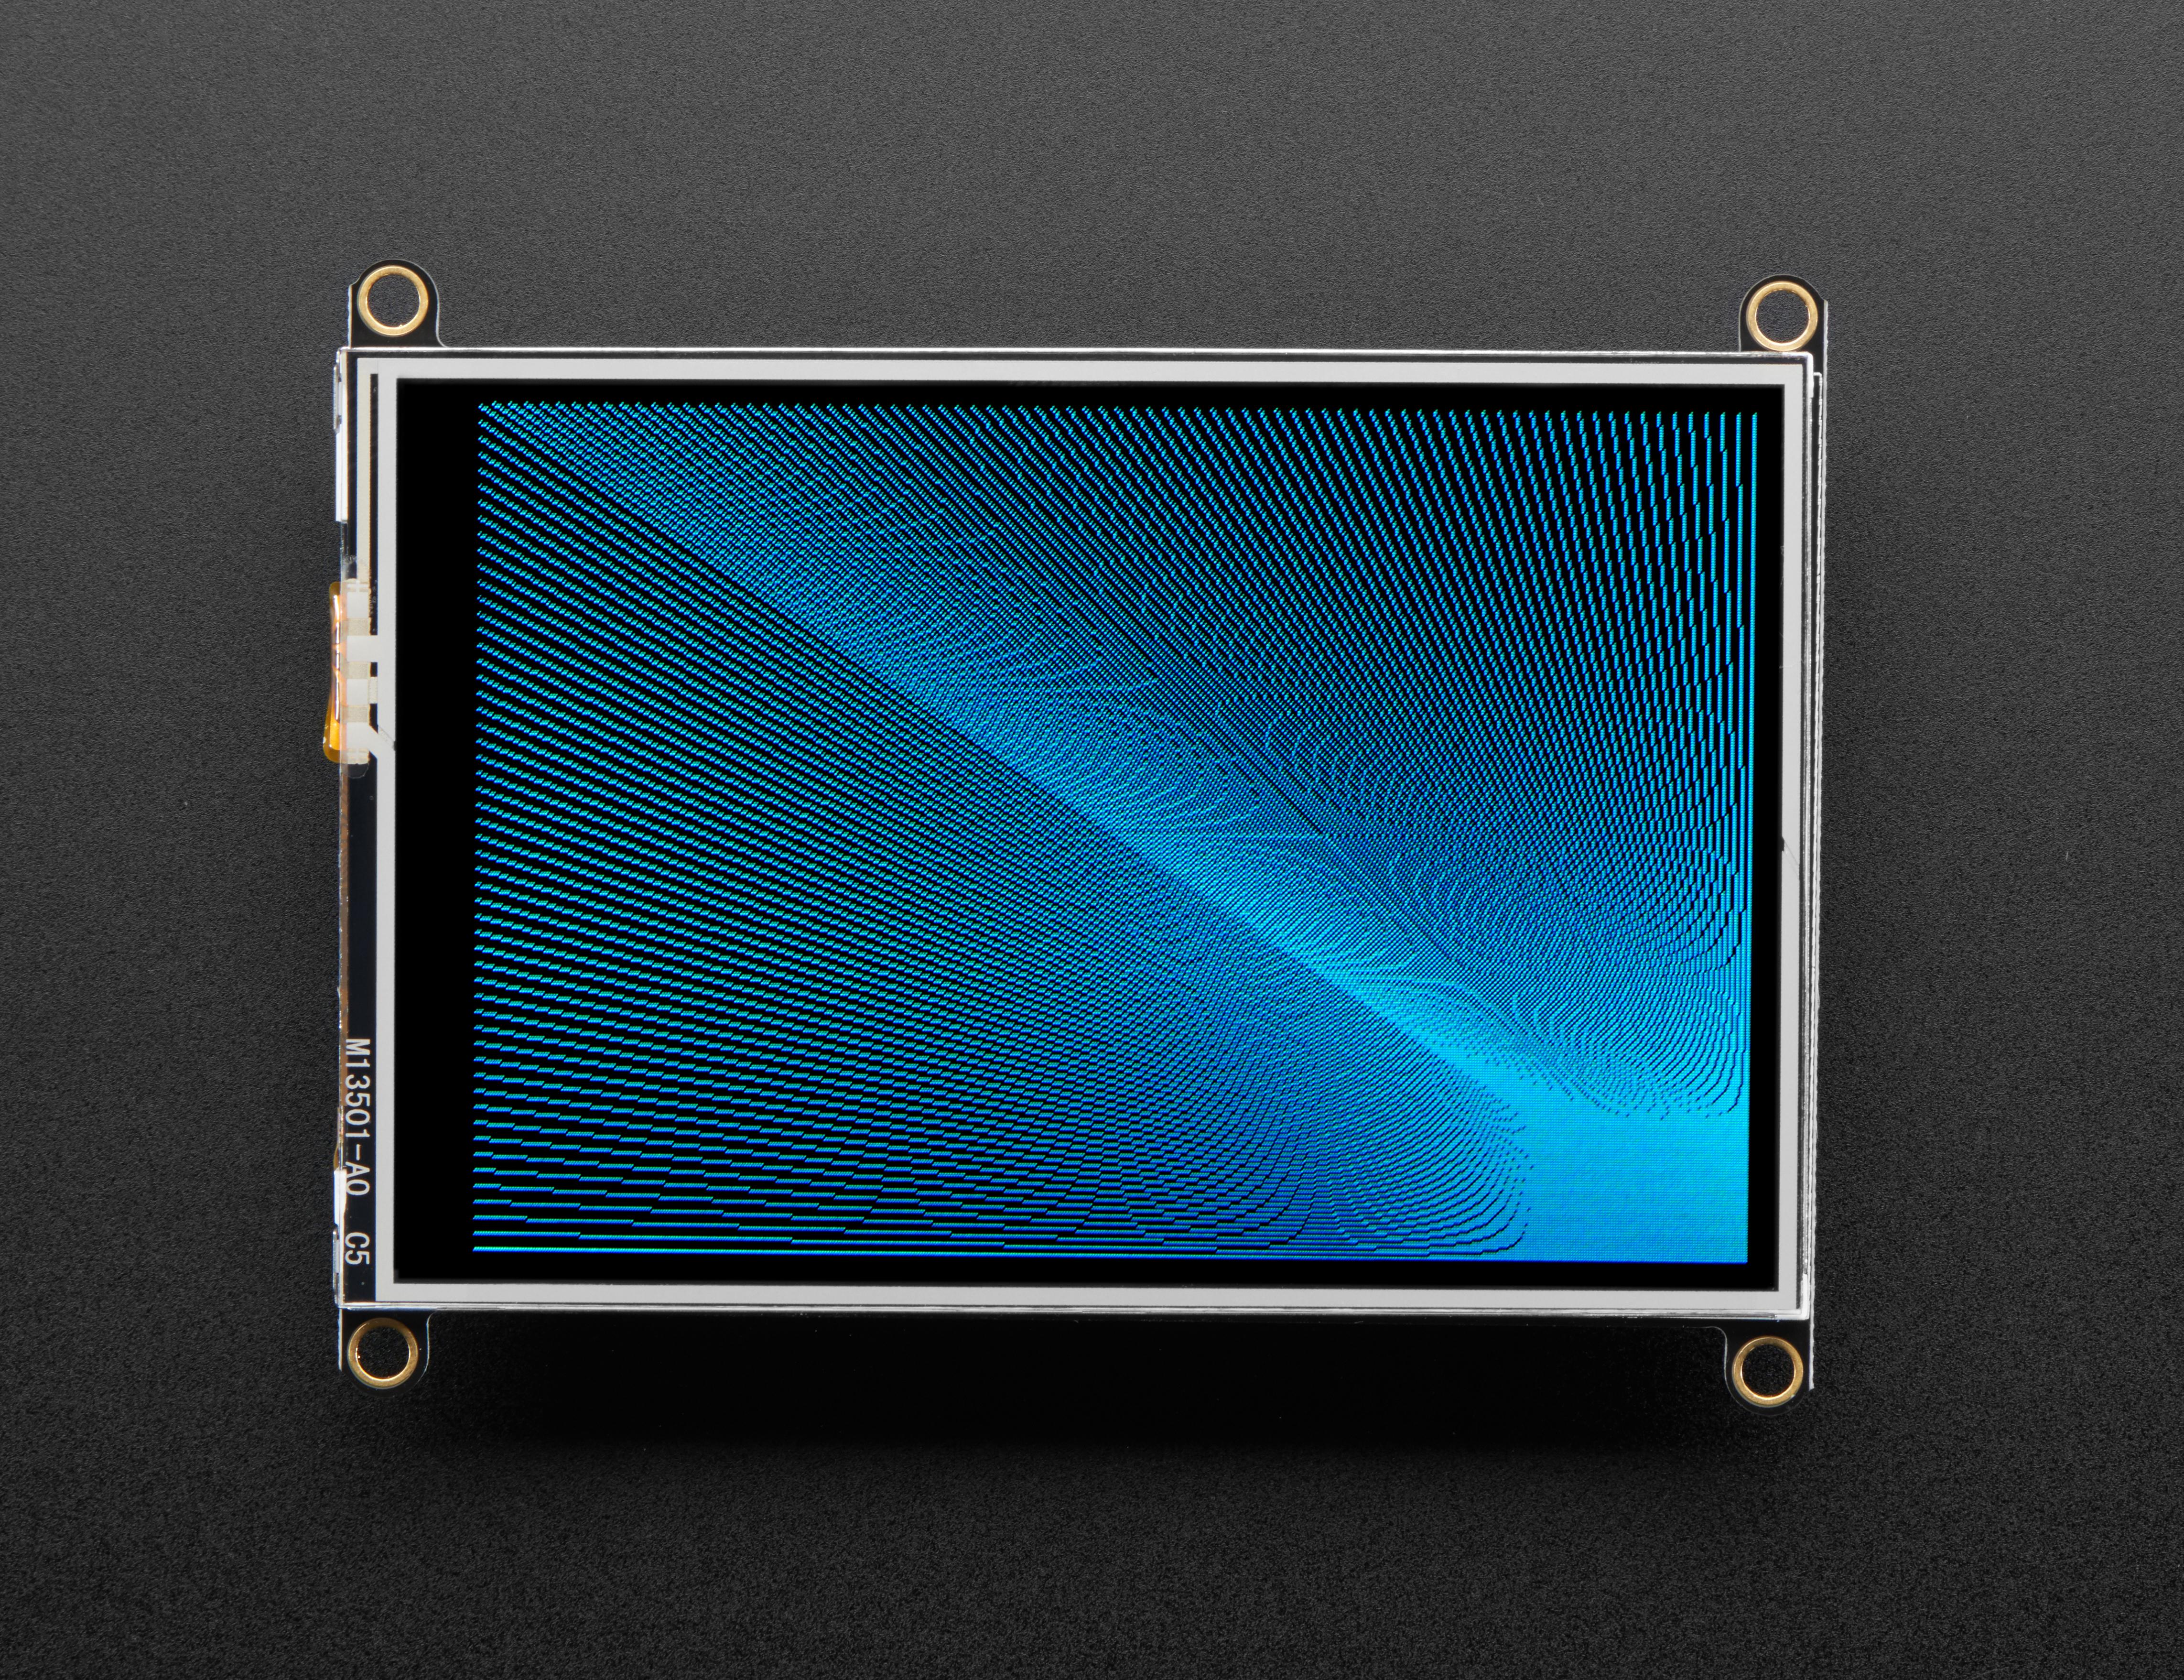 adafruit_products_3651_screen_demo_01_ORIG.jpg